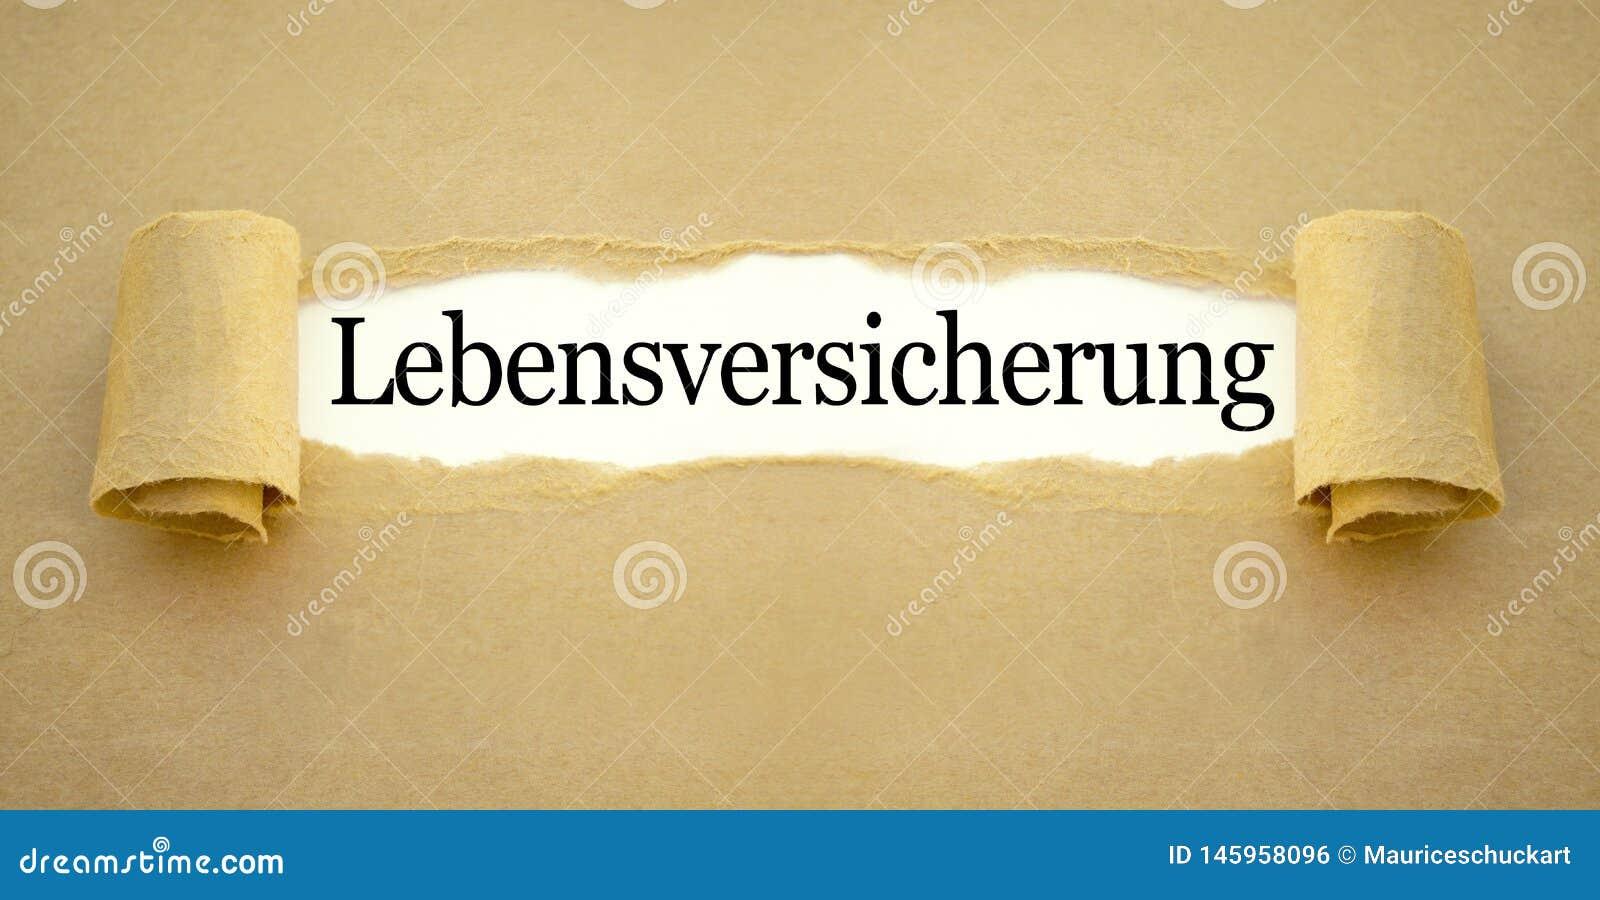 Обработка документов с немецким полисом страхования слова на всю жизнь - Lebensversicherung